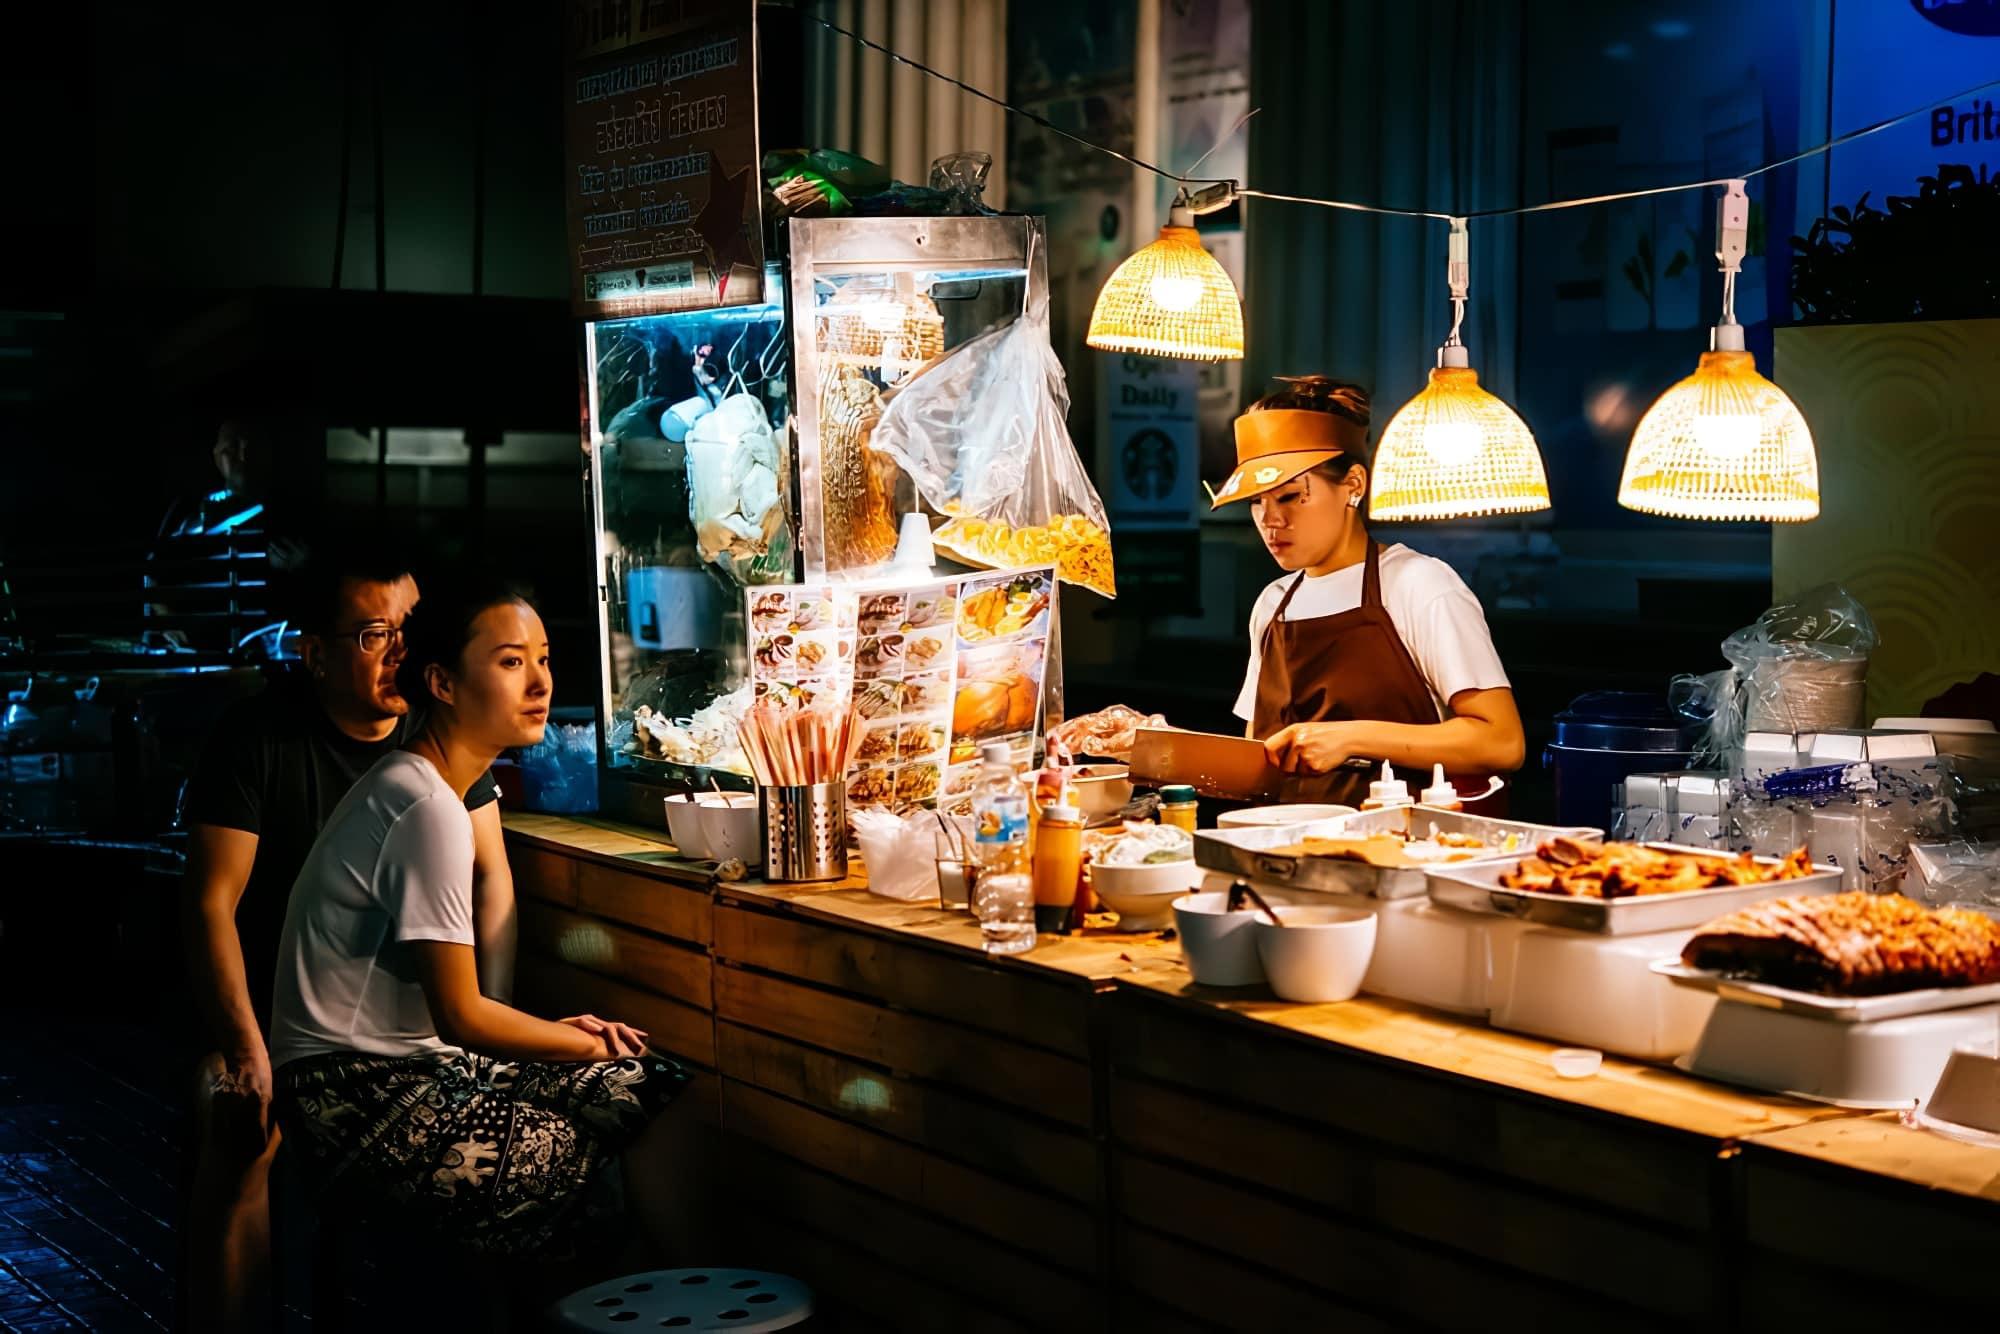 Meilleurs spots de street food dans le monde